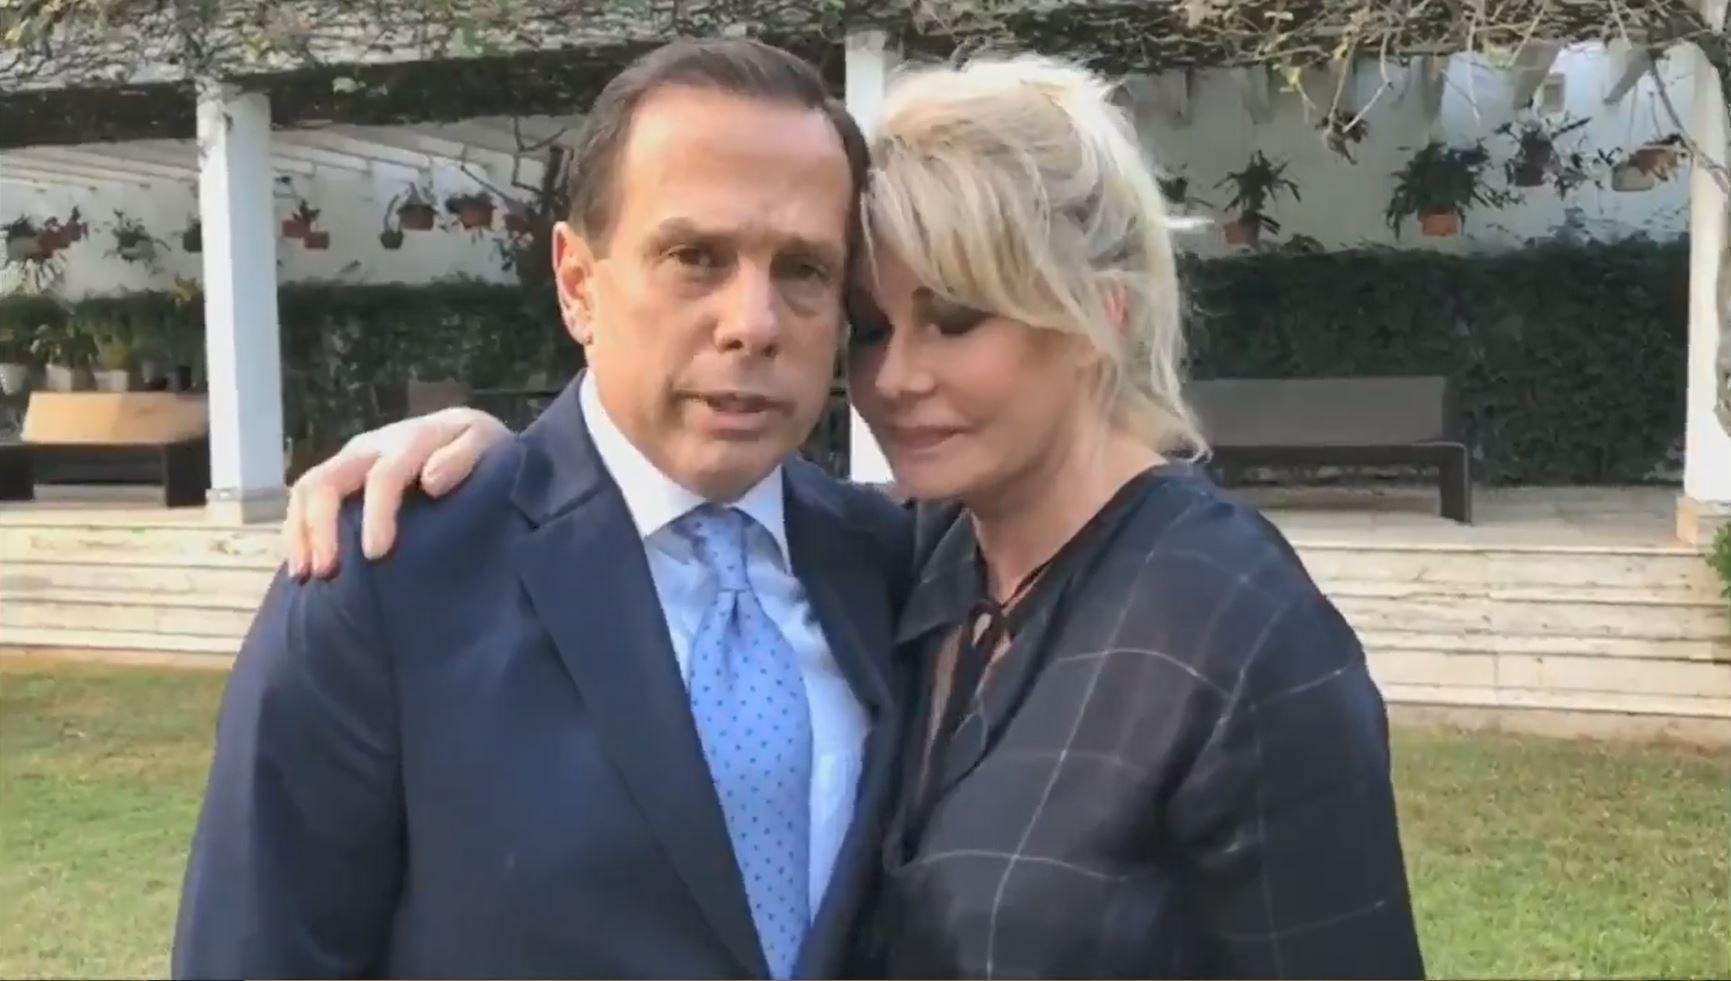 João Doria e a esposa Bia Doria durante pronunciamento sobre o suposto vídeo de ataque ao candidato líder nas pesquisas para o governo paulista nas eleições de 2018